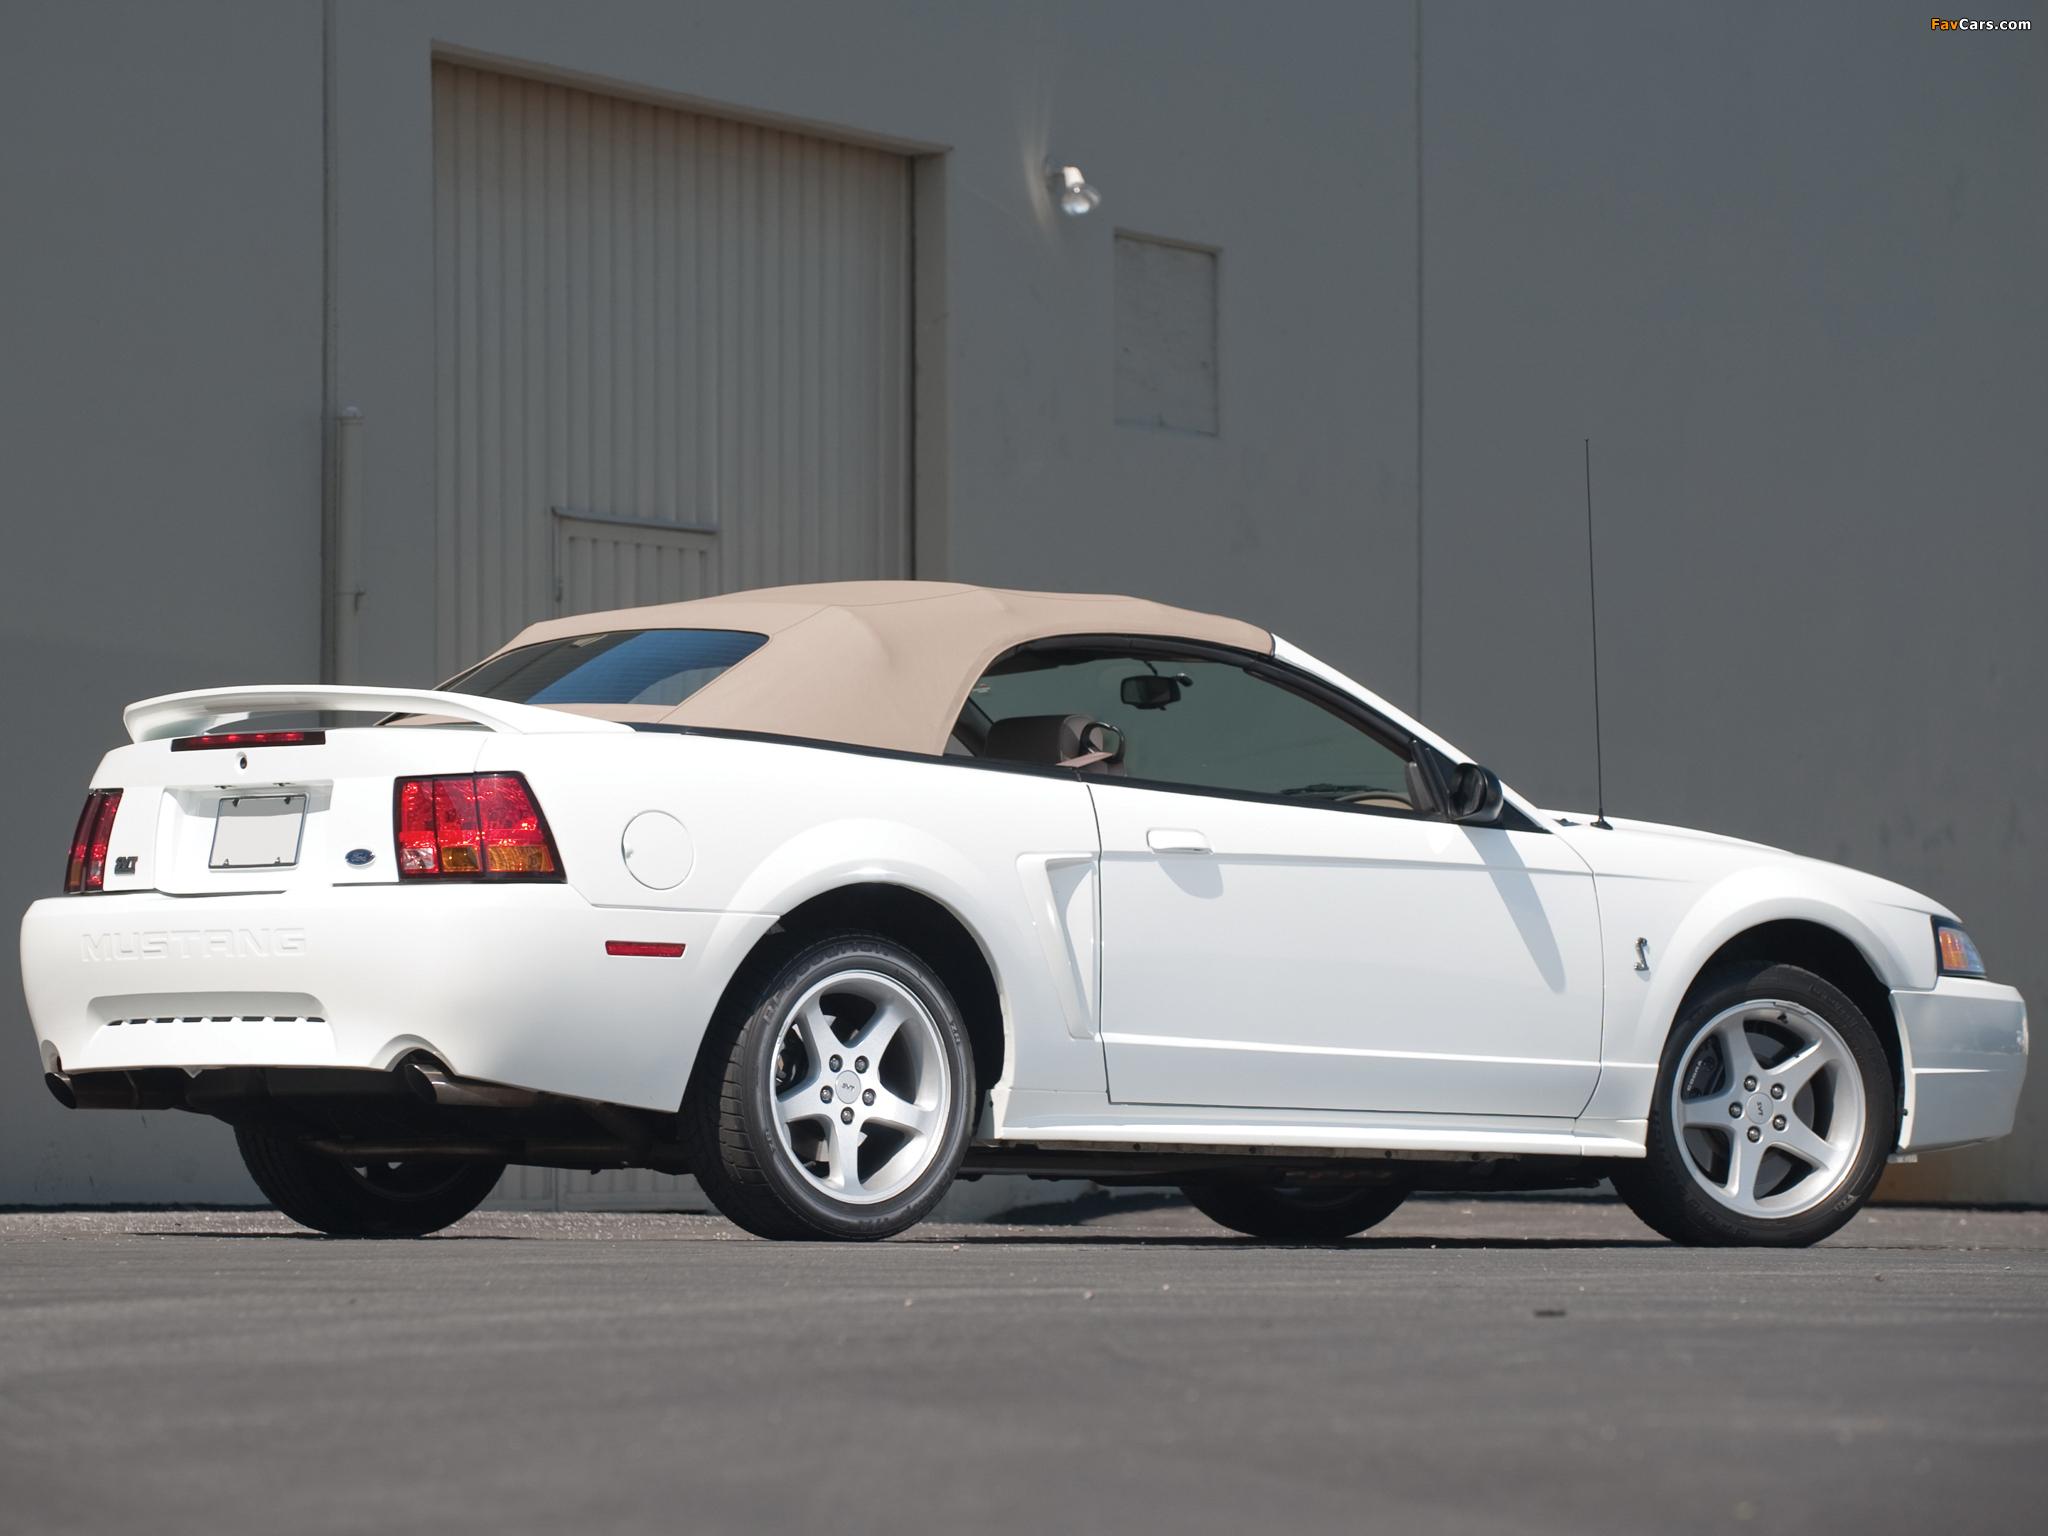 Ford - Mustang - Технические характеристики, расход топлива